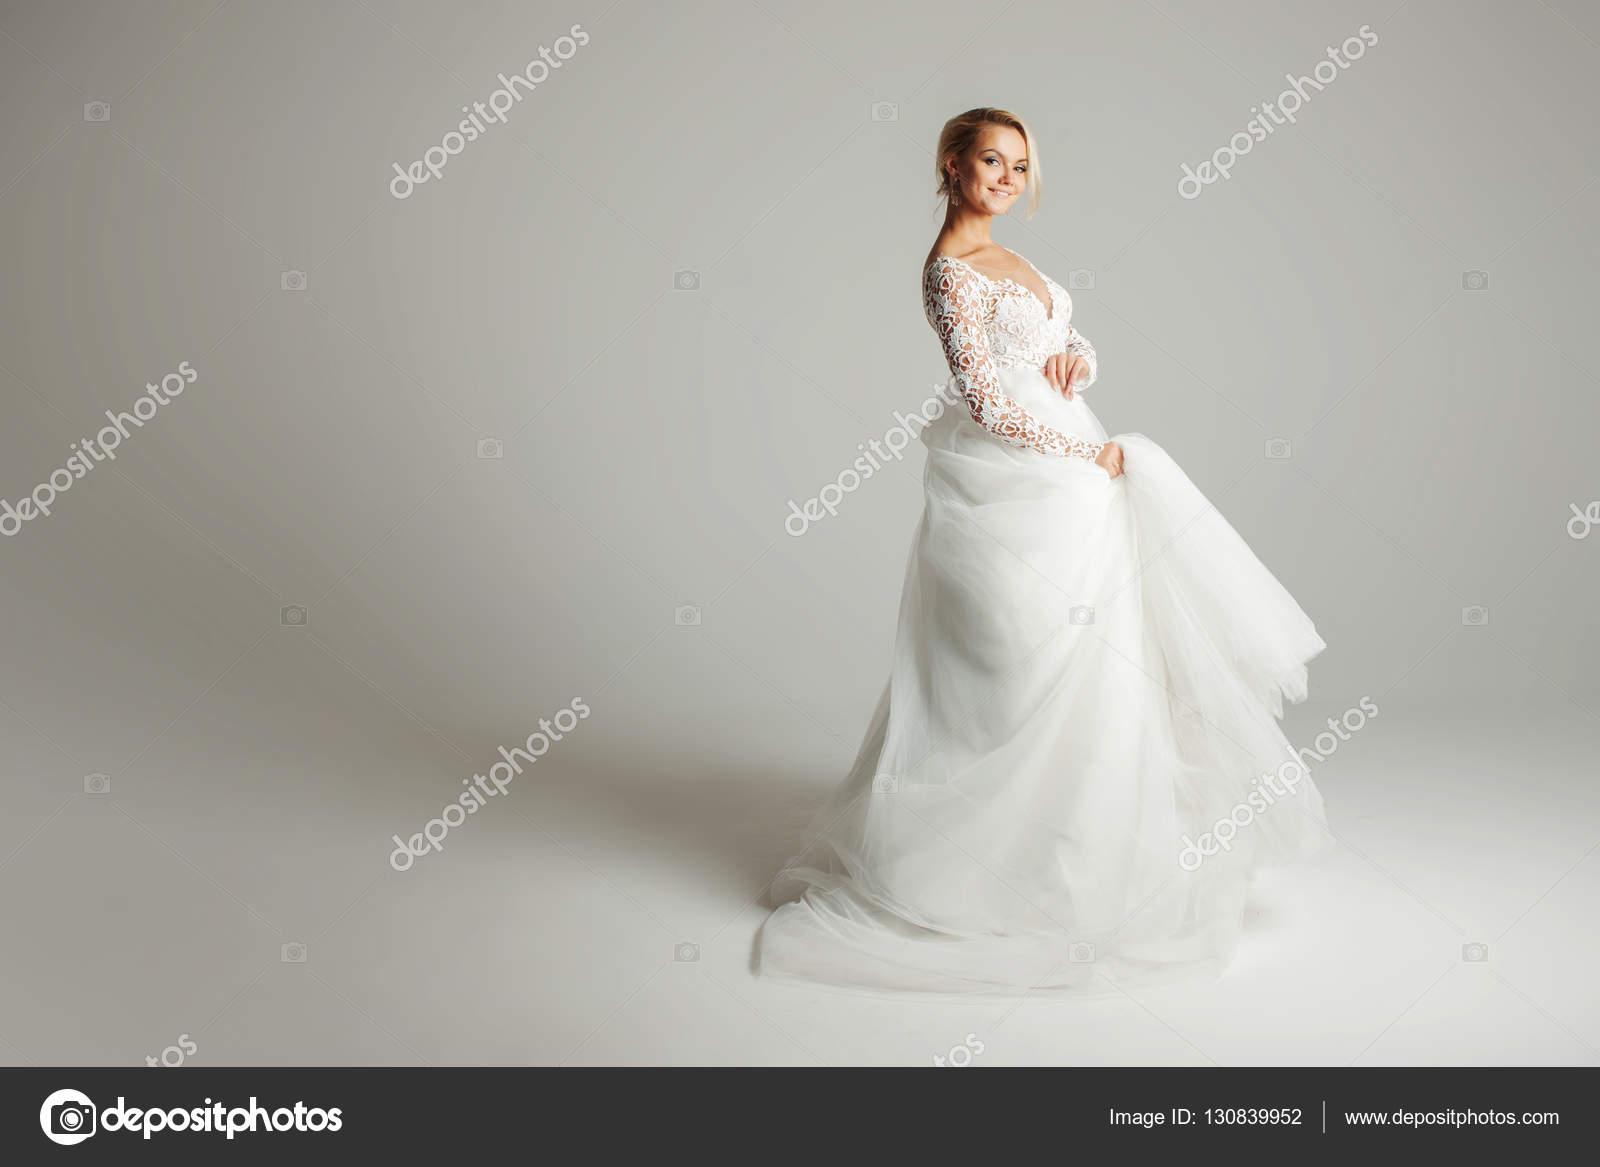 Schone Attraktive Braut Im Hochzeitskleid Mit Langen Weiten Rock